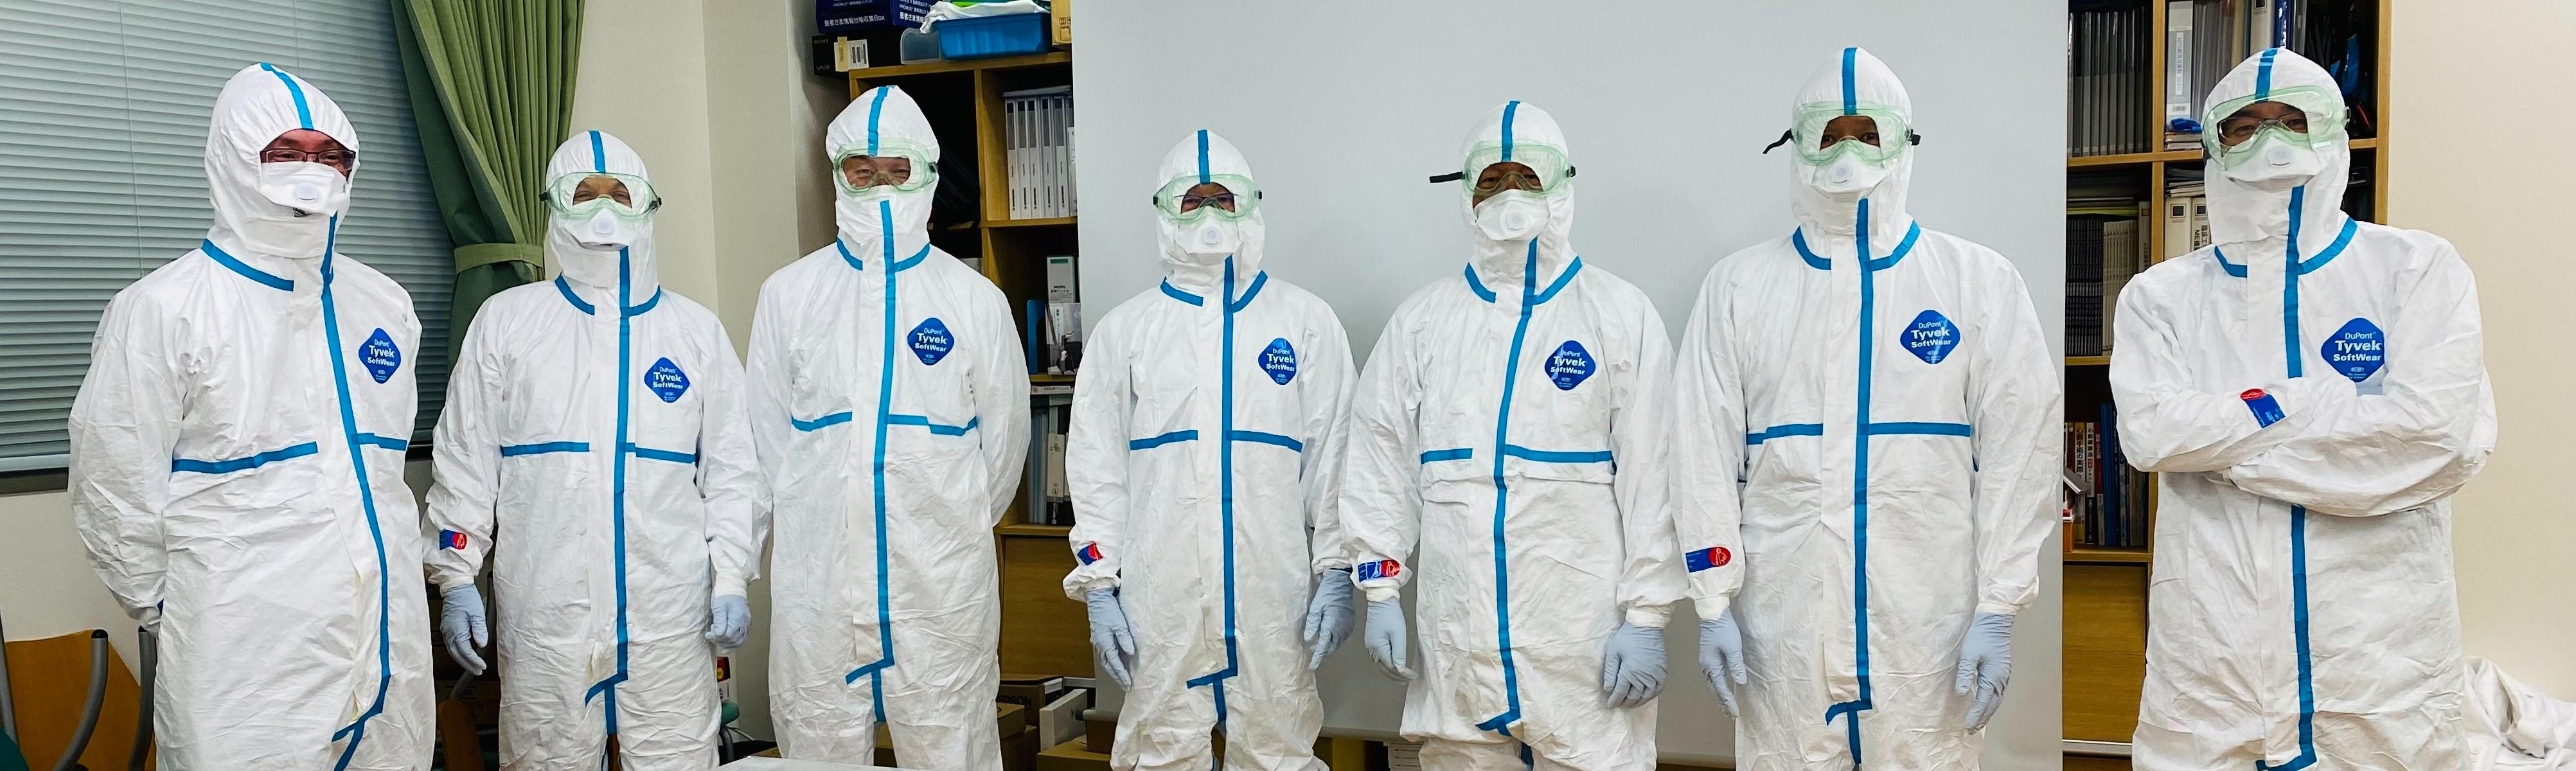 PPE着脱トレーニング